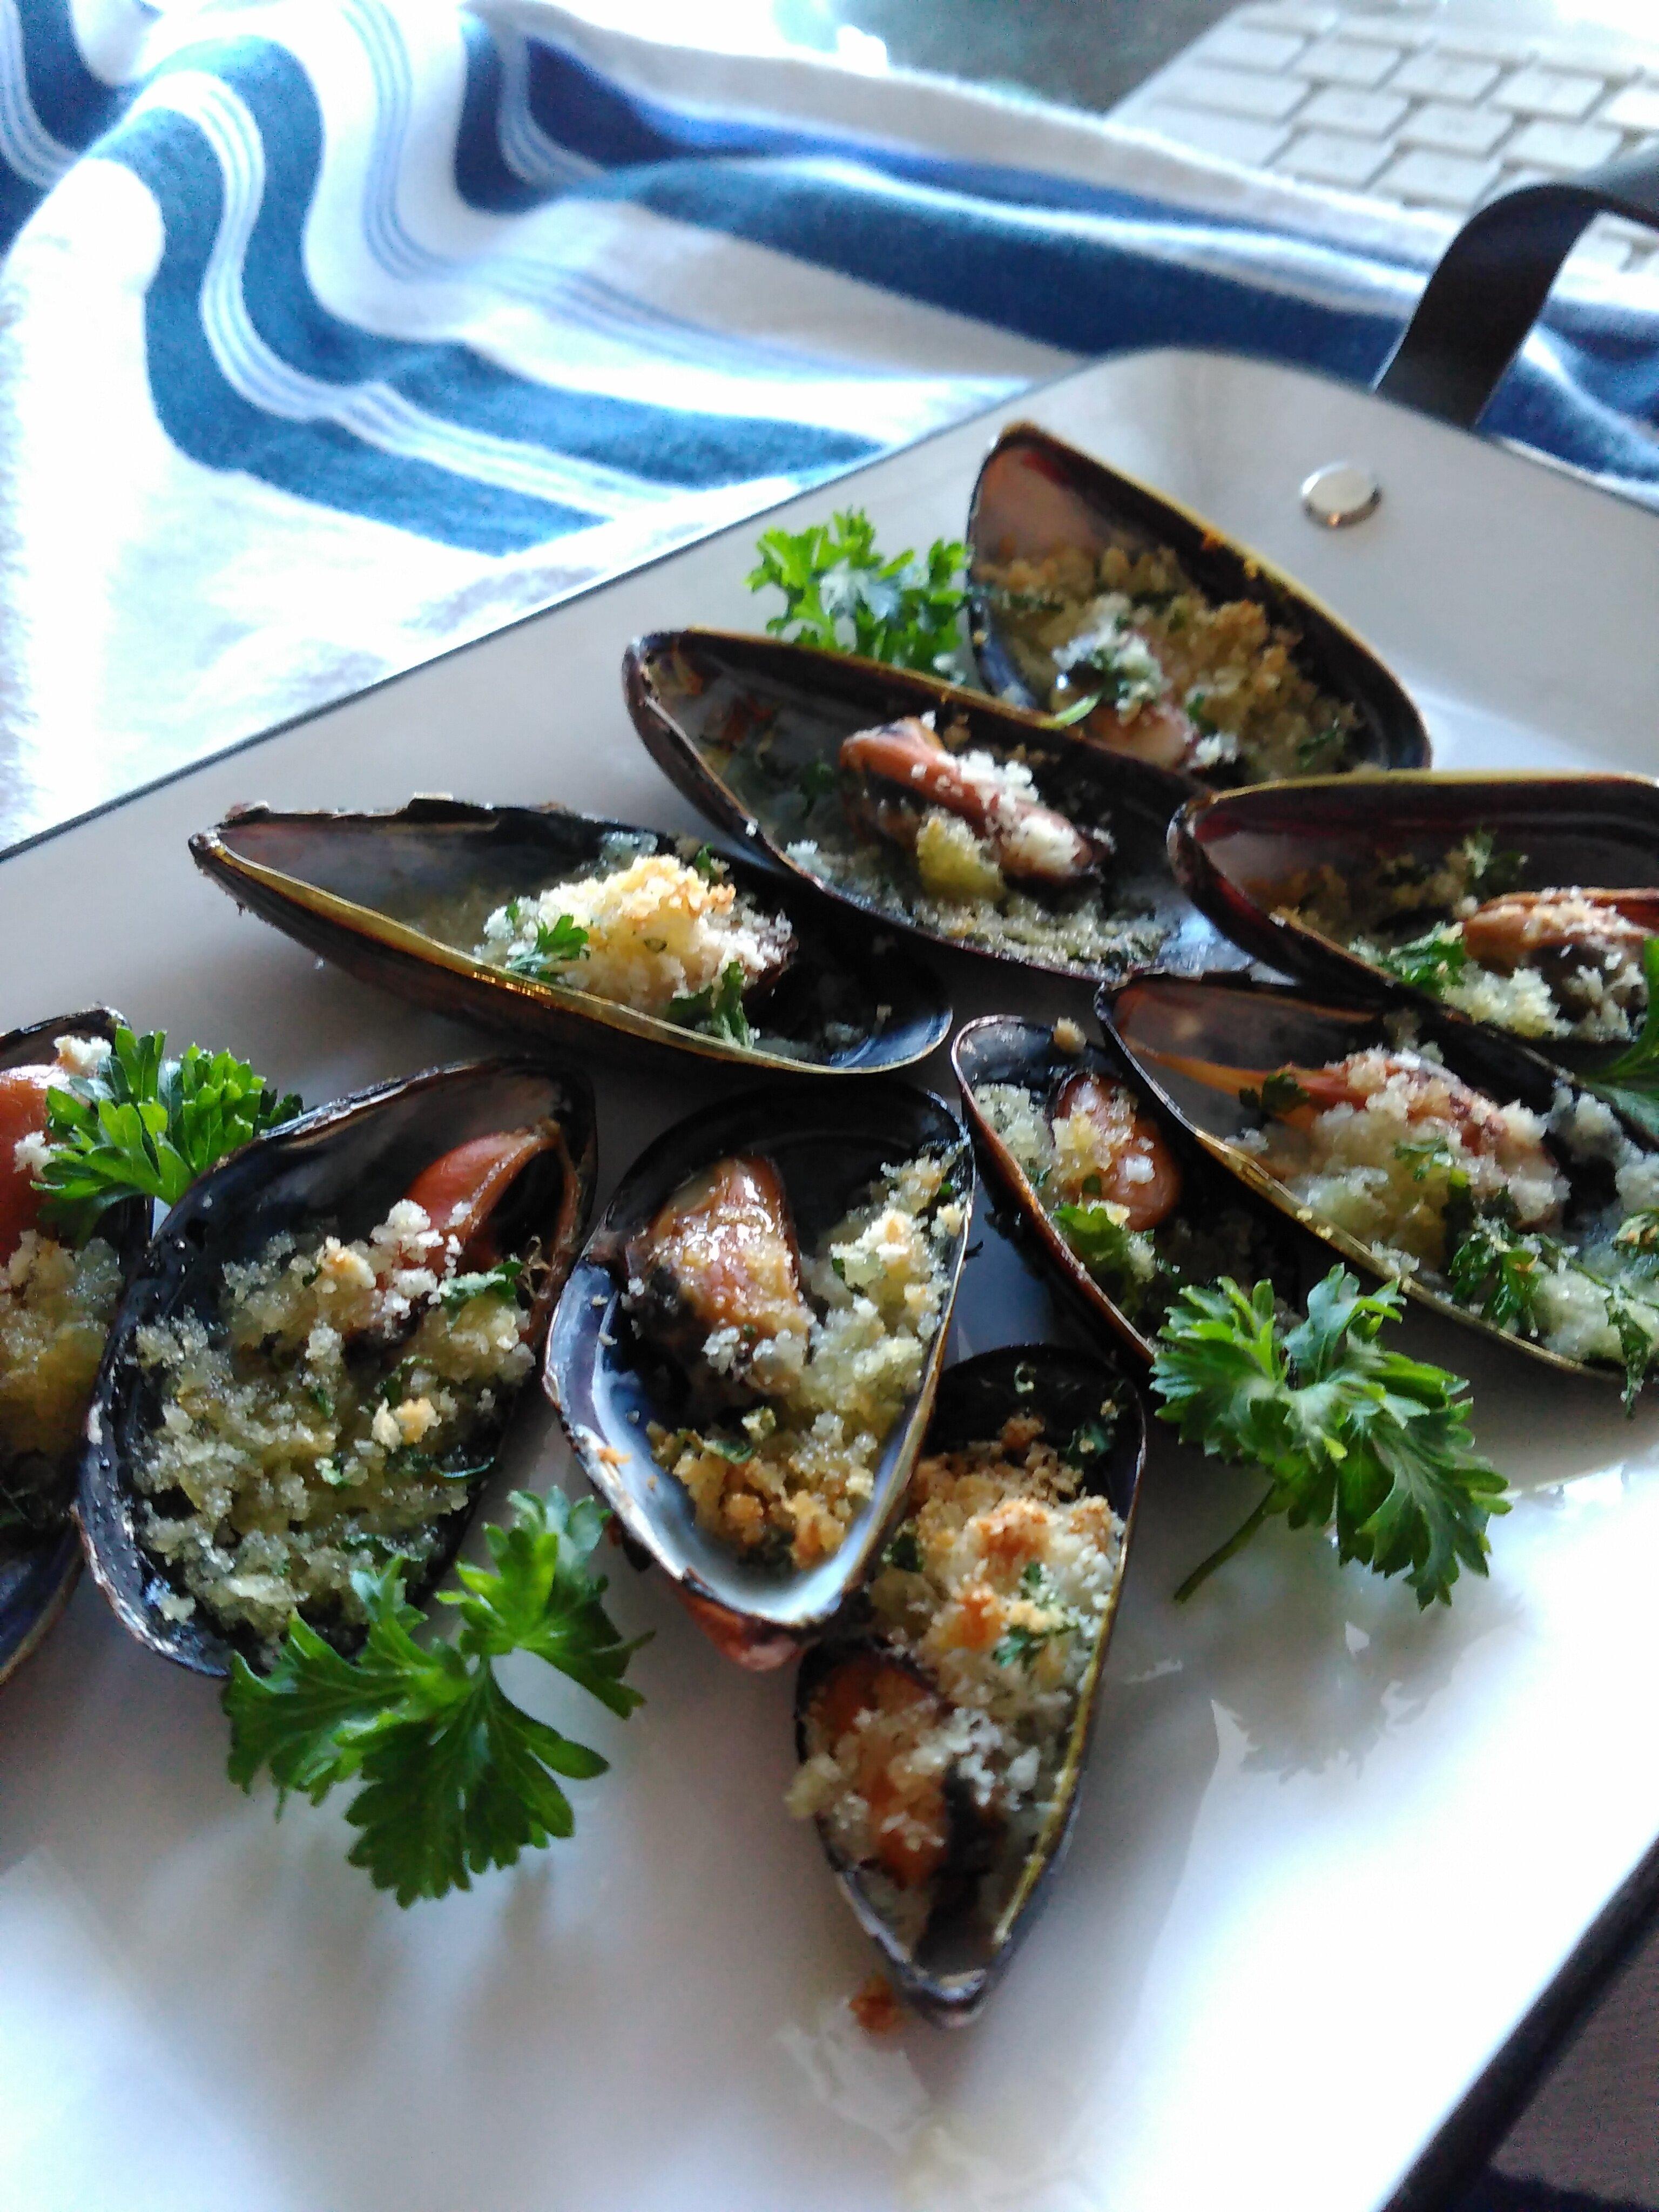 mussels au gratin recipe